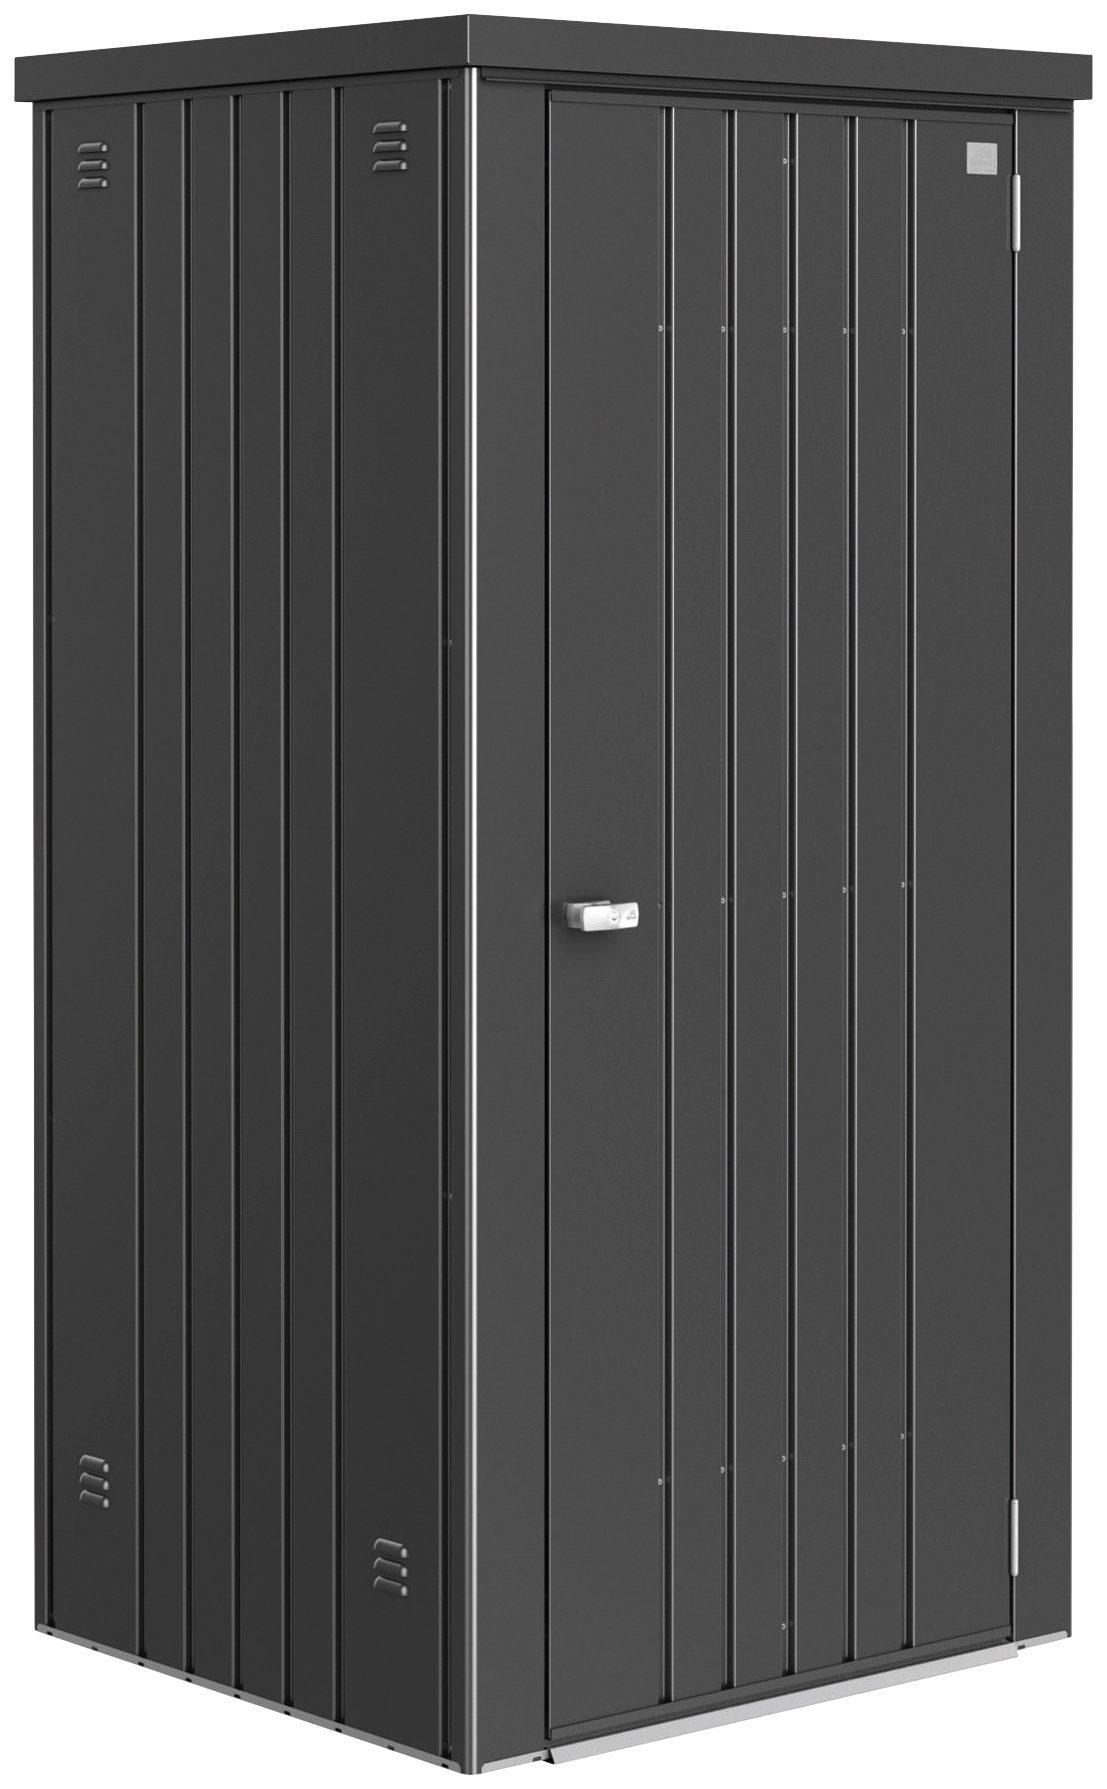 Biohort Geräteschrank »Gr. 90«, B/T/H: 93/83/182,5 cm, dunkelgrau metallic | Garten > Gerätehäuser | Biohort